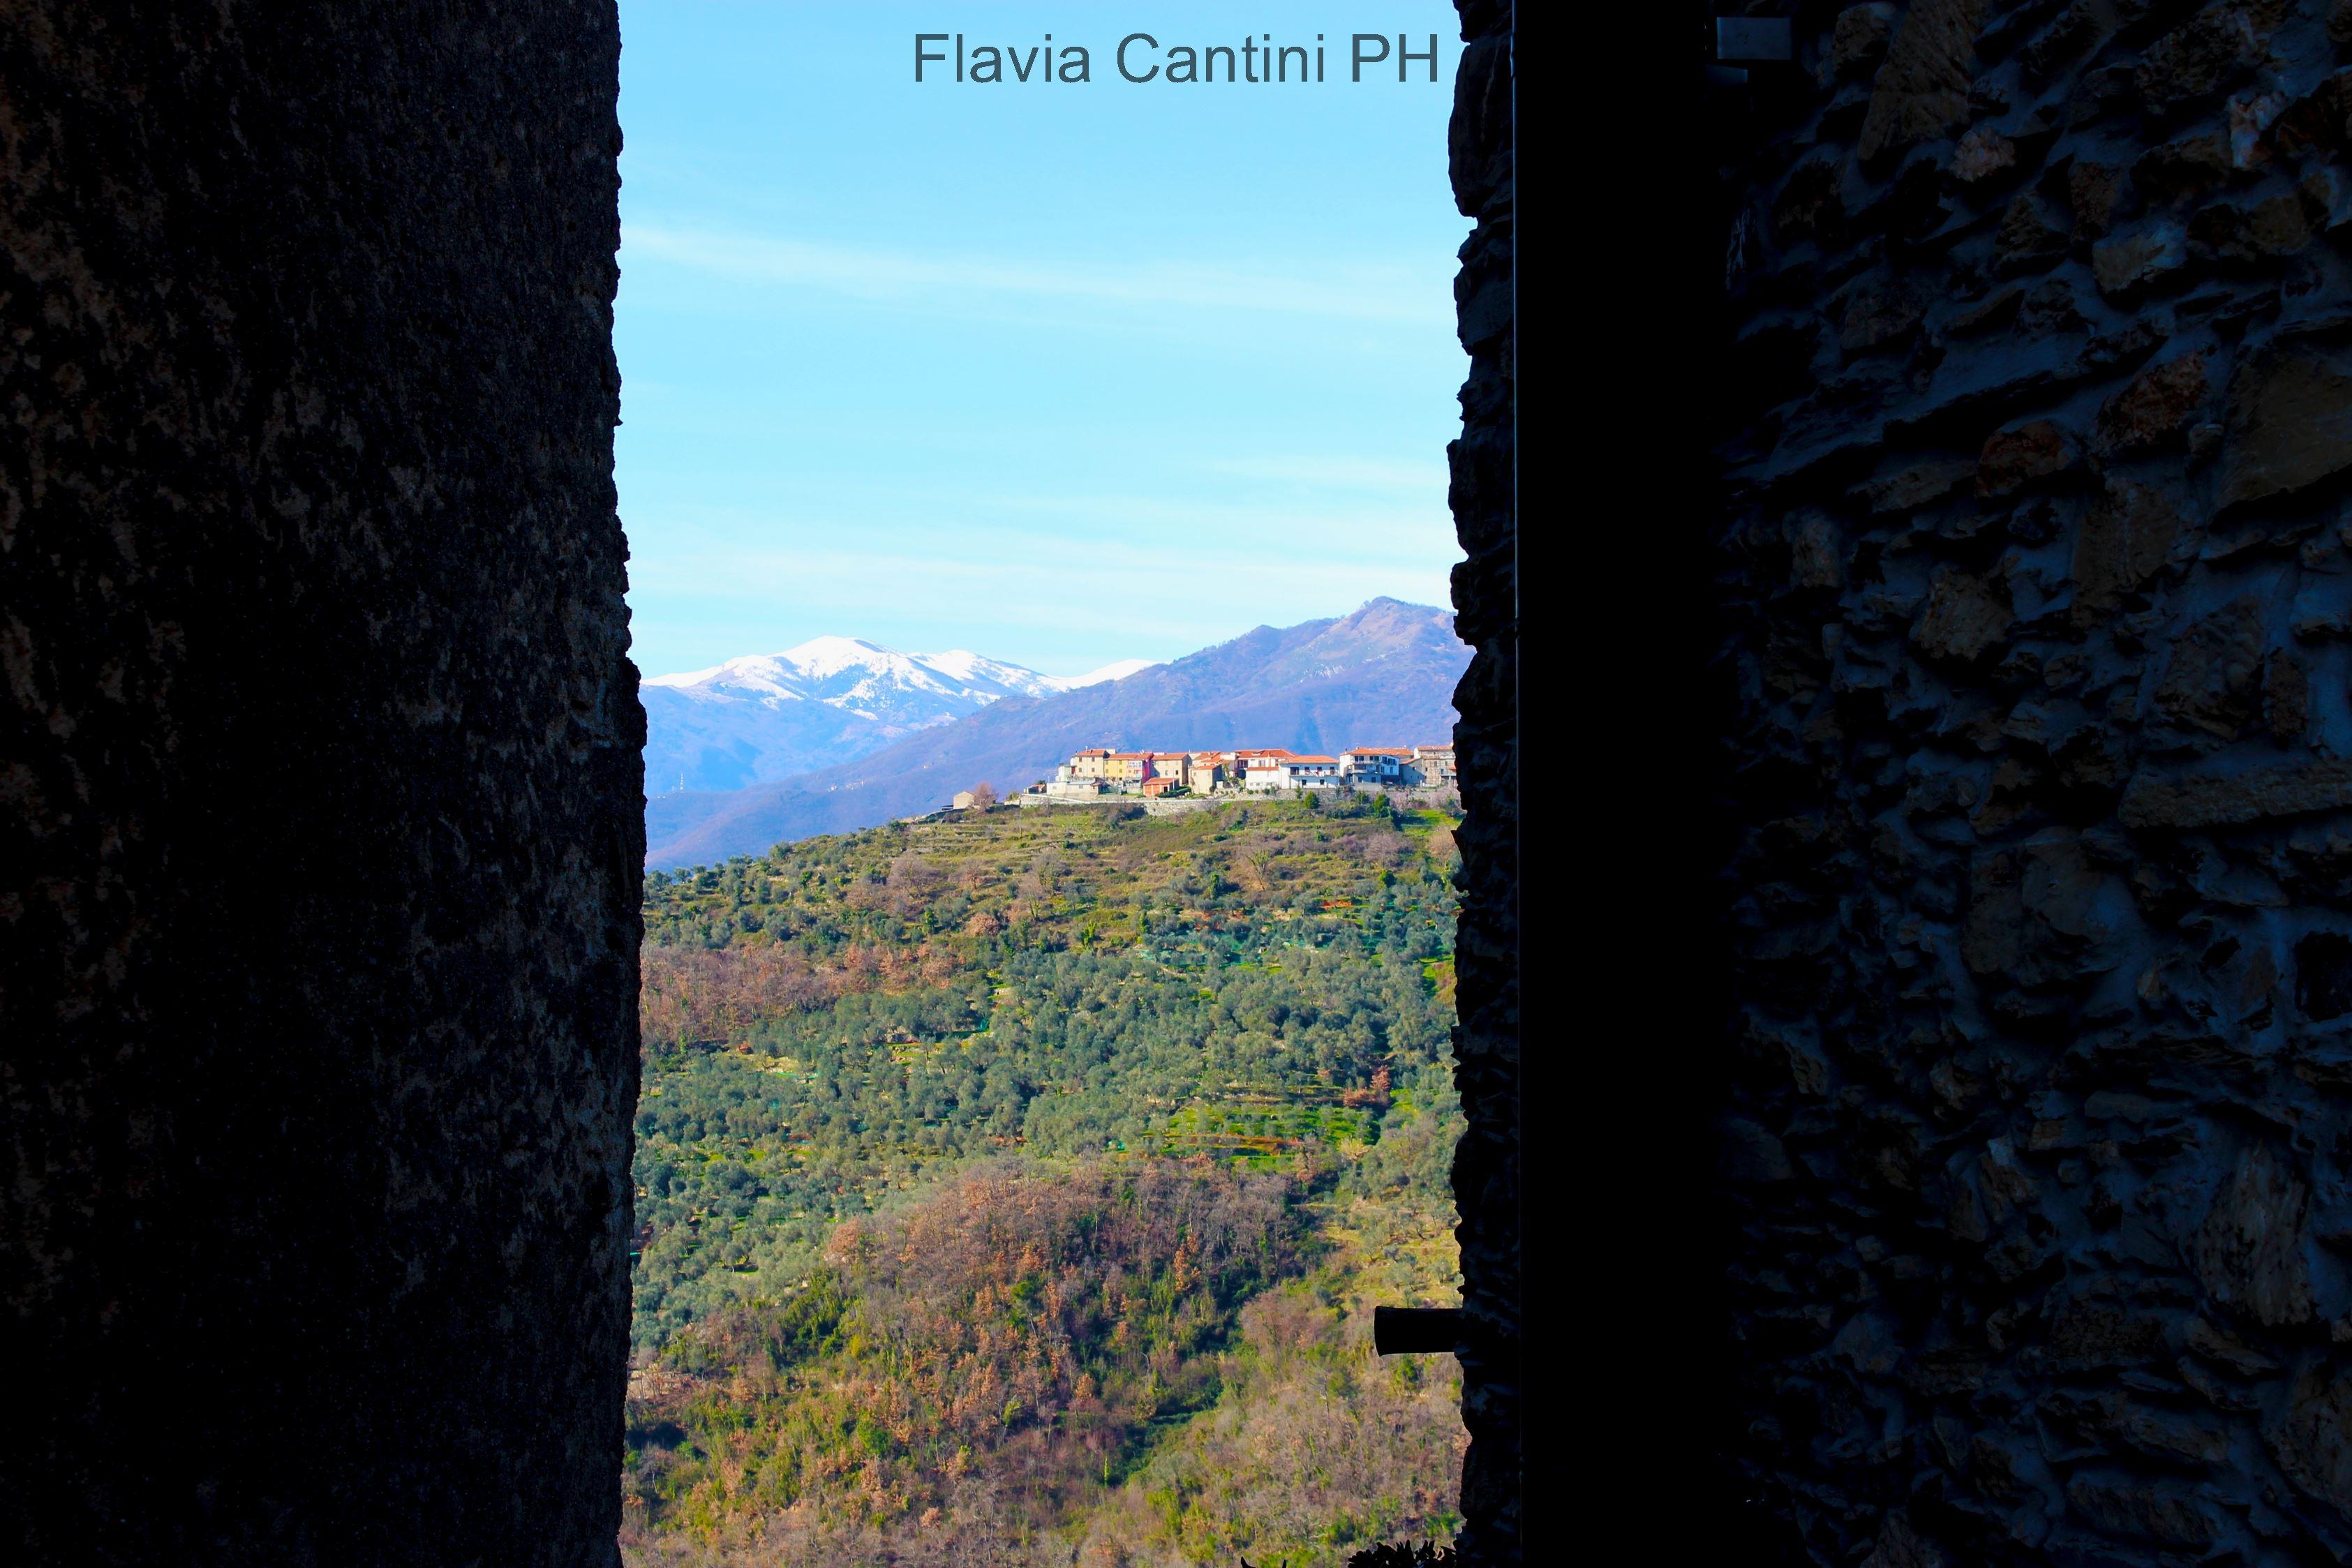 glam-liguria-onzo-flavia-cantini